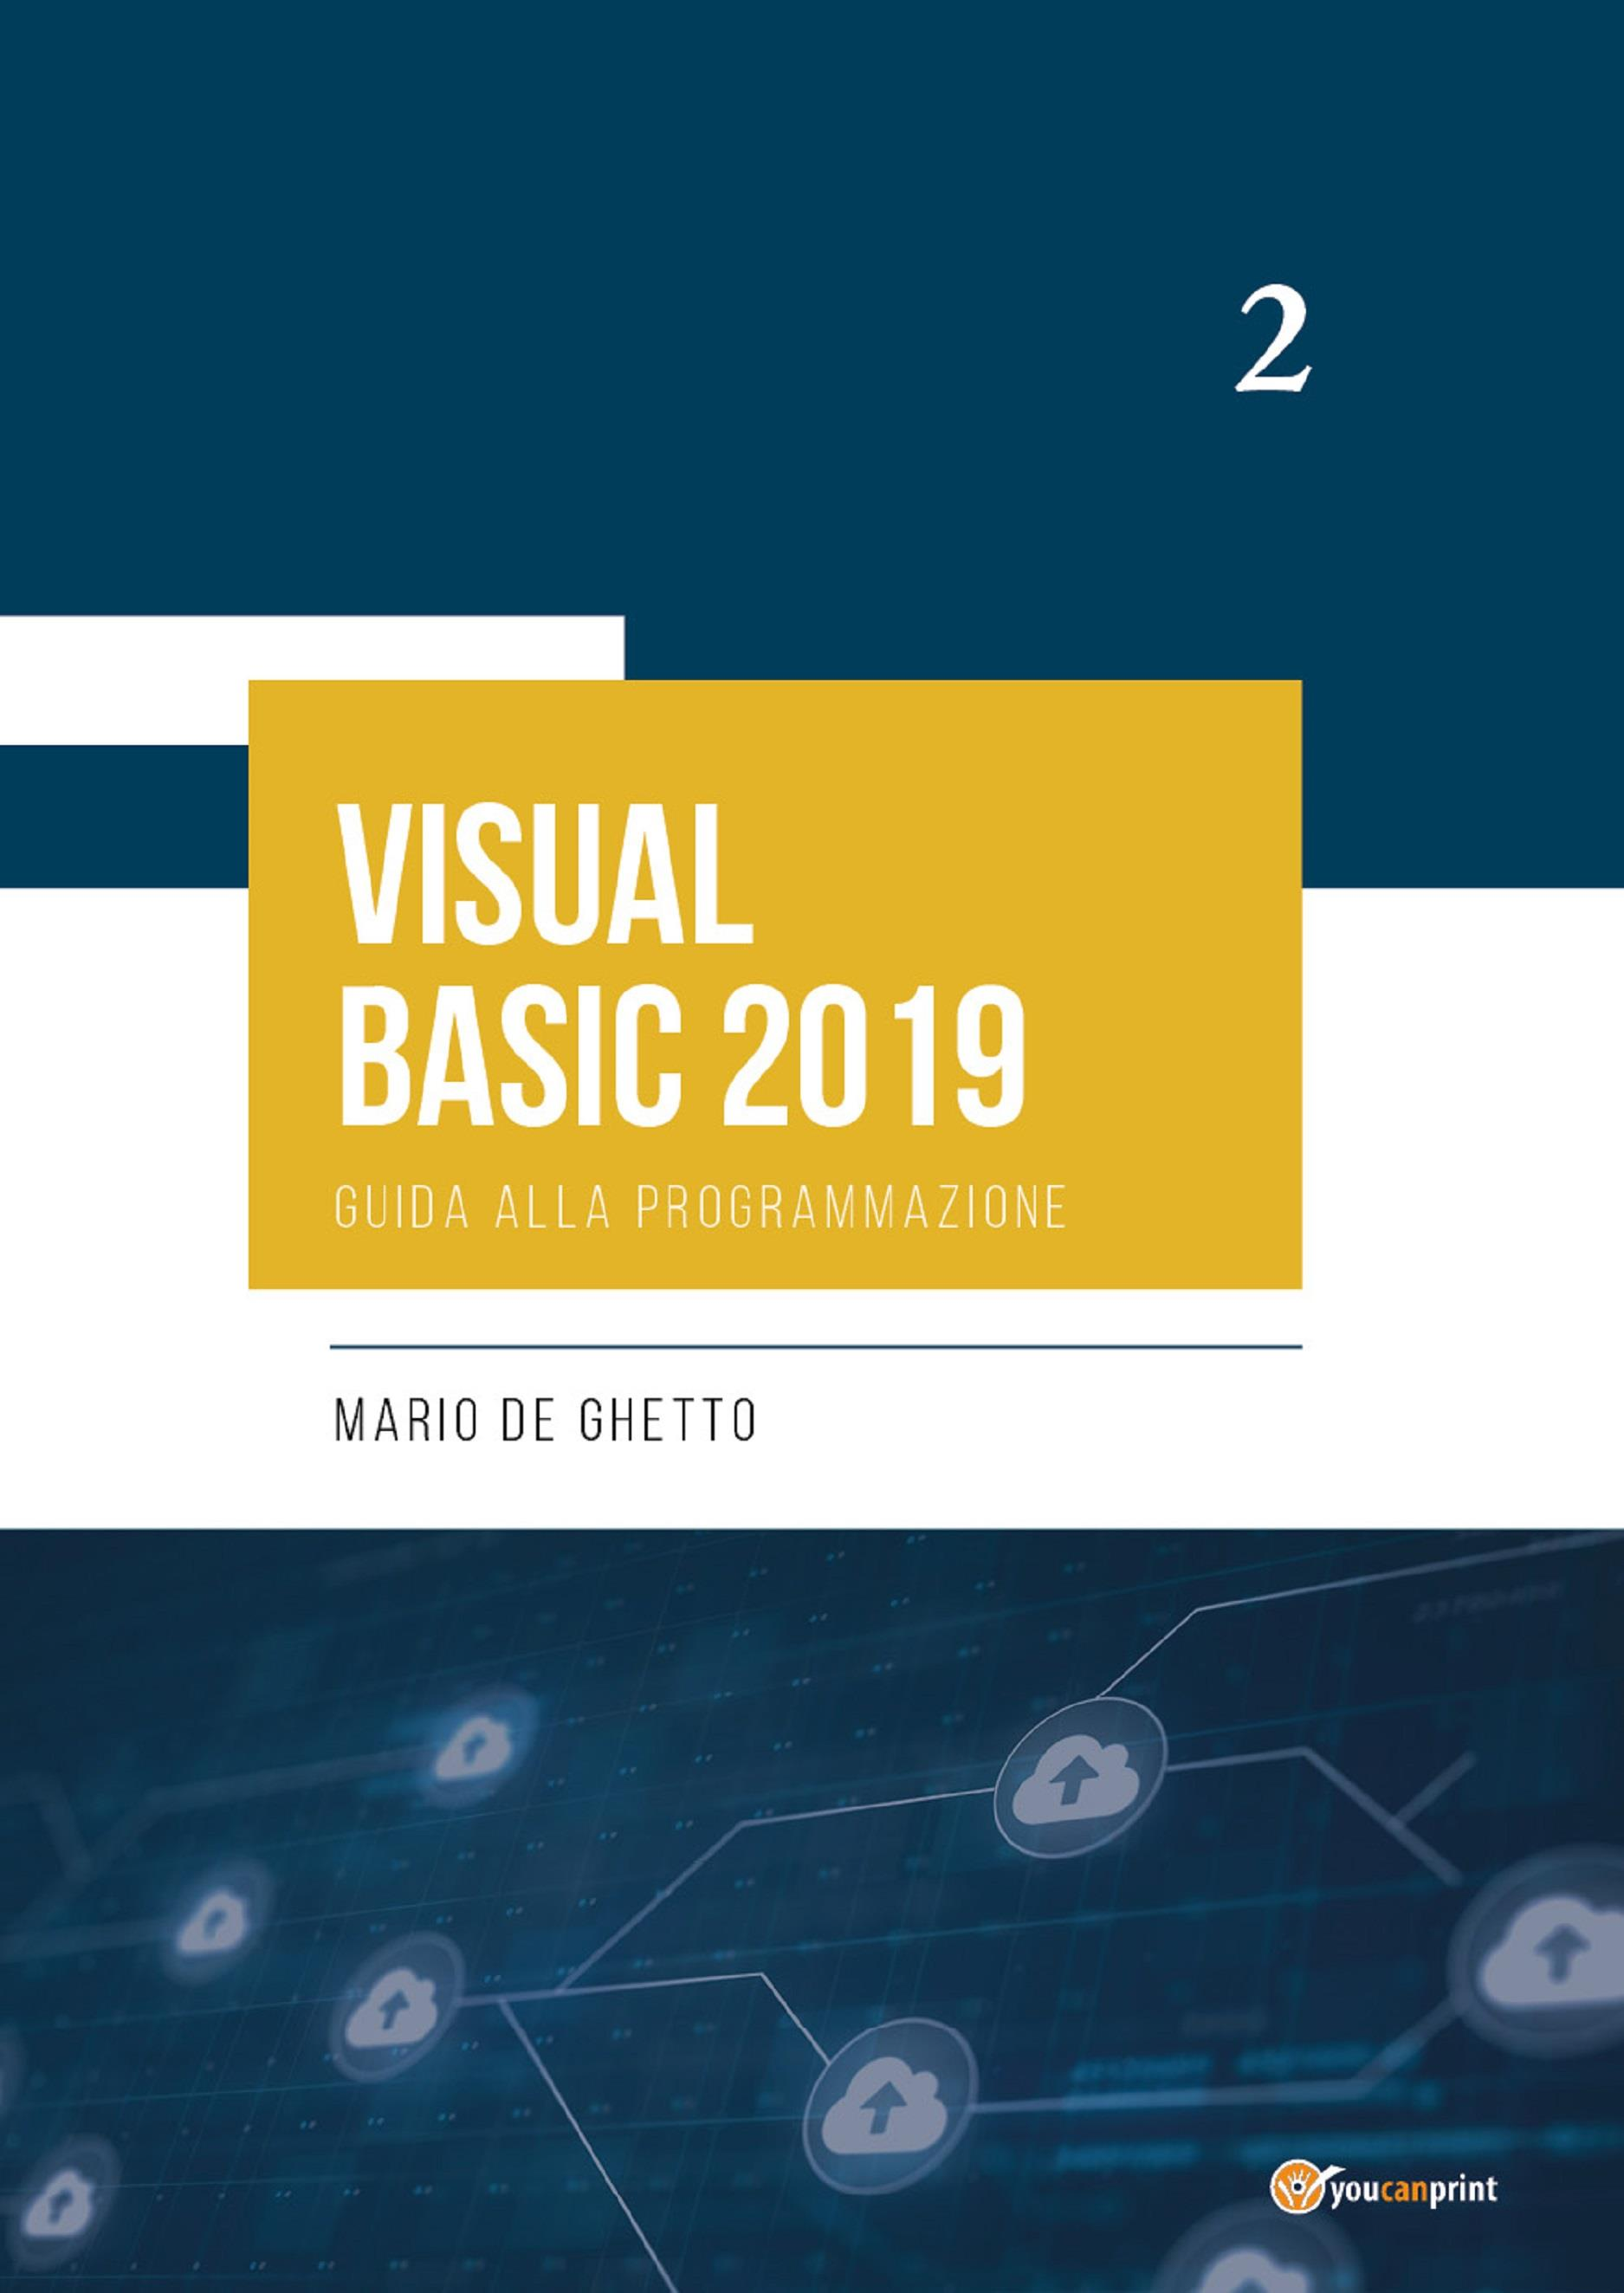 VISUAL BASIC 2019 - Guida alla programmazione